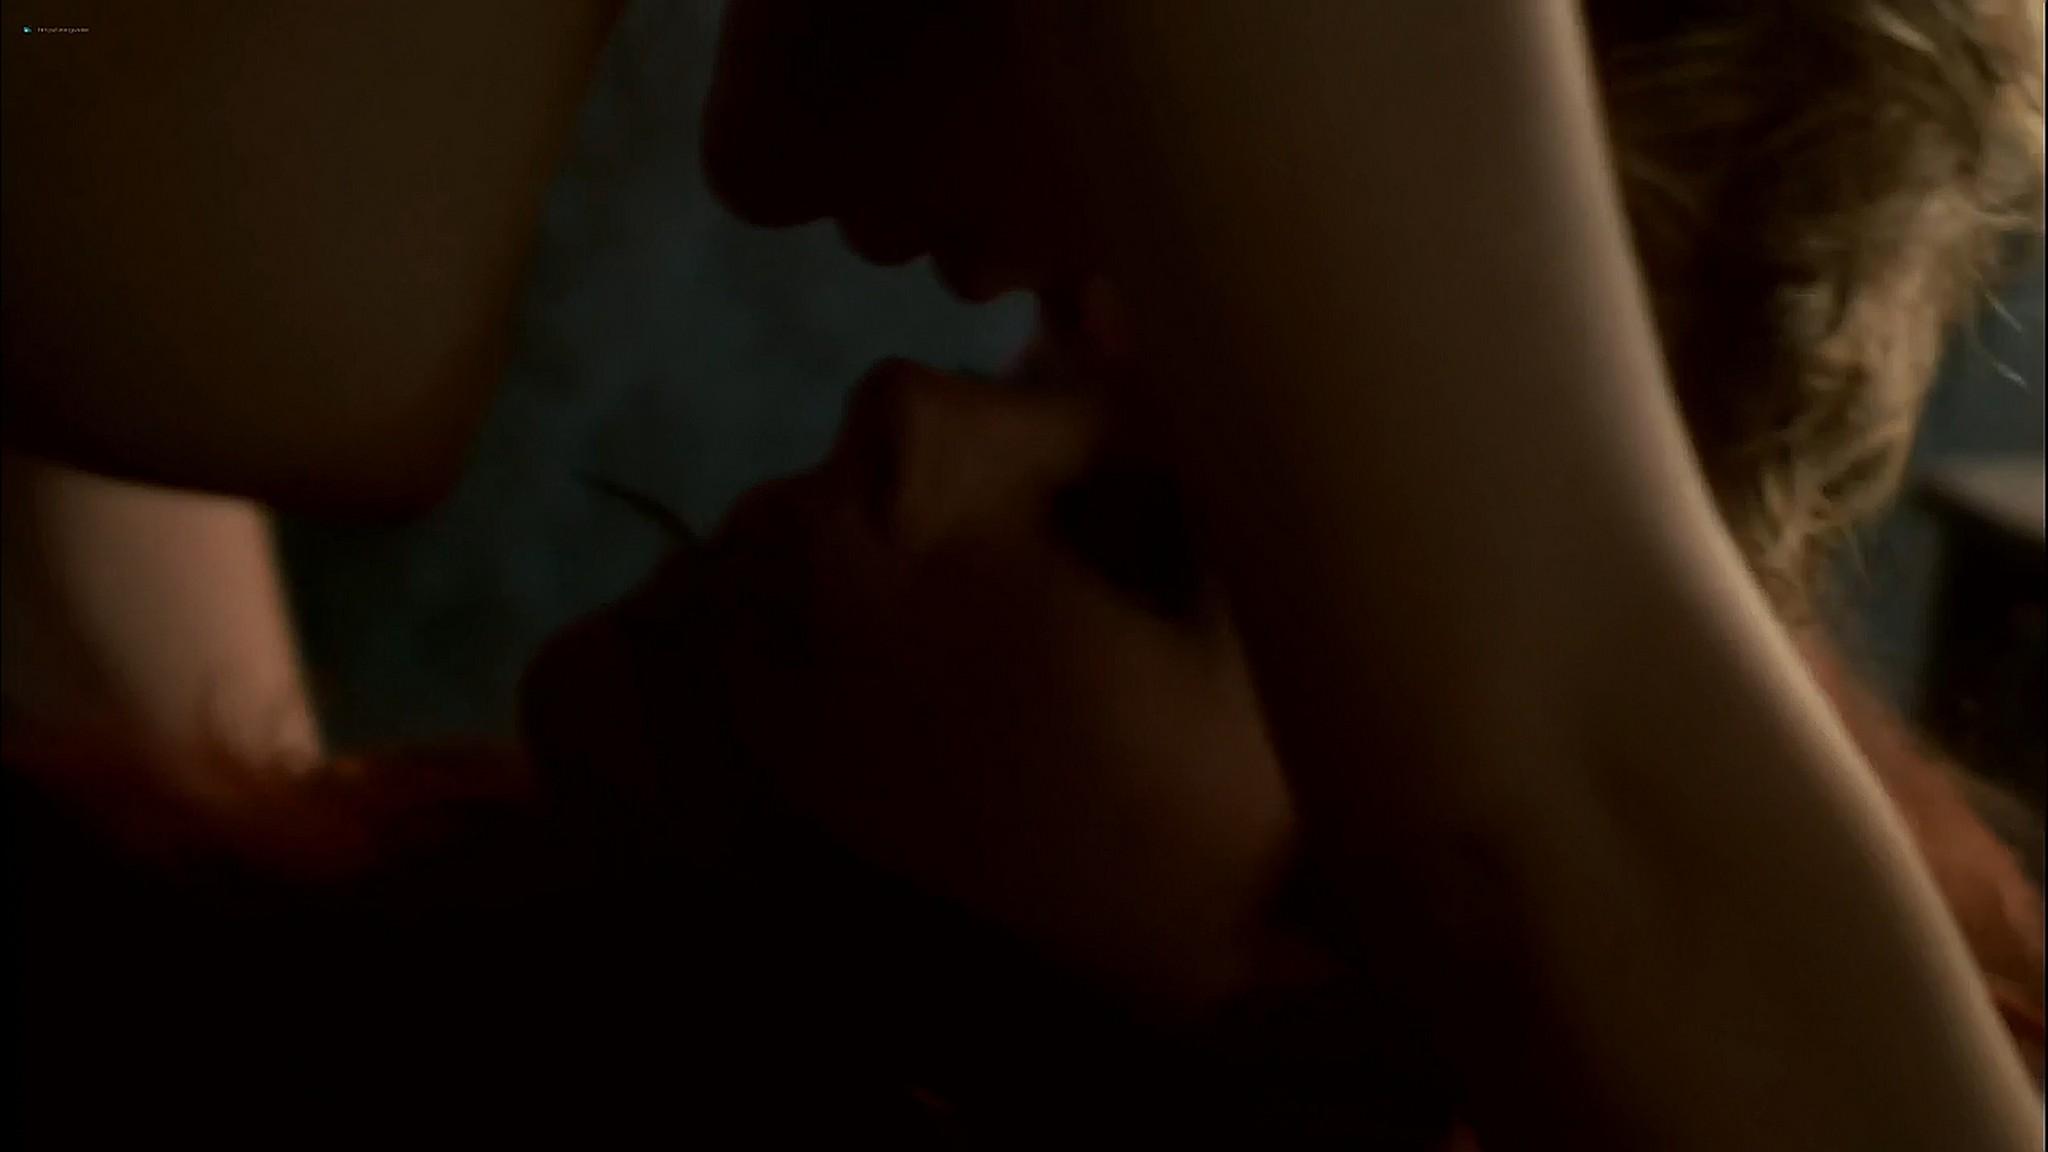 Kathleen Robertson sex threesome Maya Stange nude XX XY 2002 720p Web 4